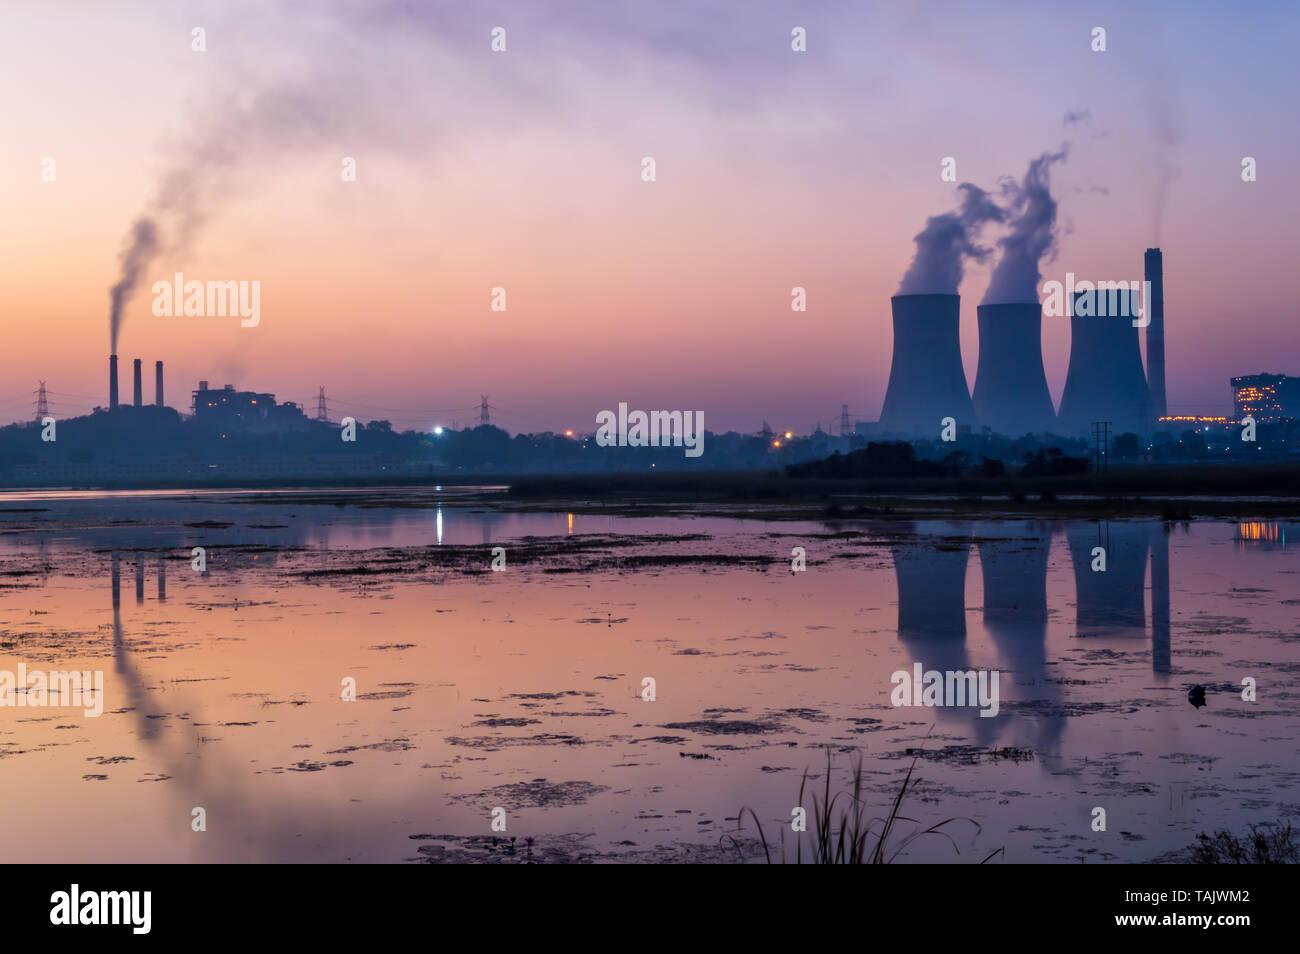 Carbón powered planta de energía térmica que emite humo y vapor desde la chimenea y la torre de refrigeración. Reflejo de la torre de refrigeración y chimenea en el lago. Foto de stock